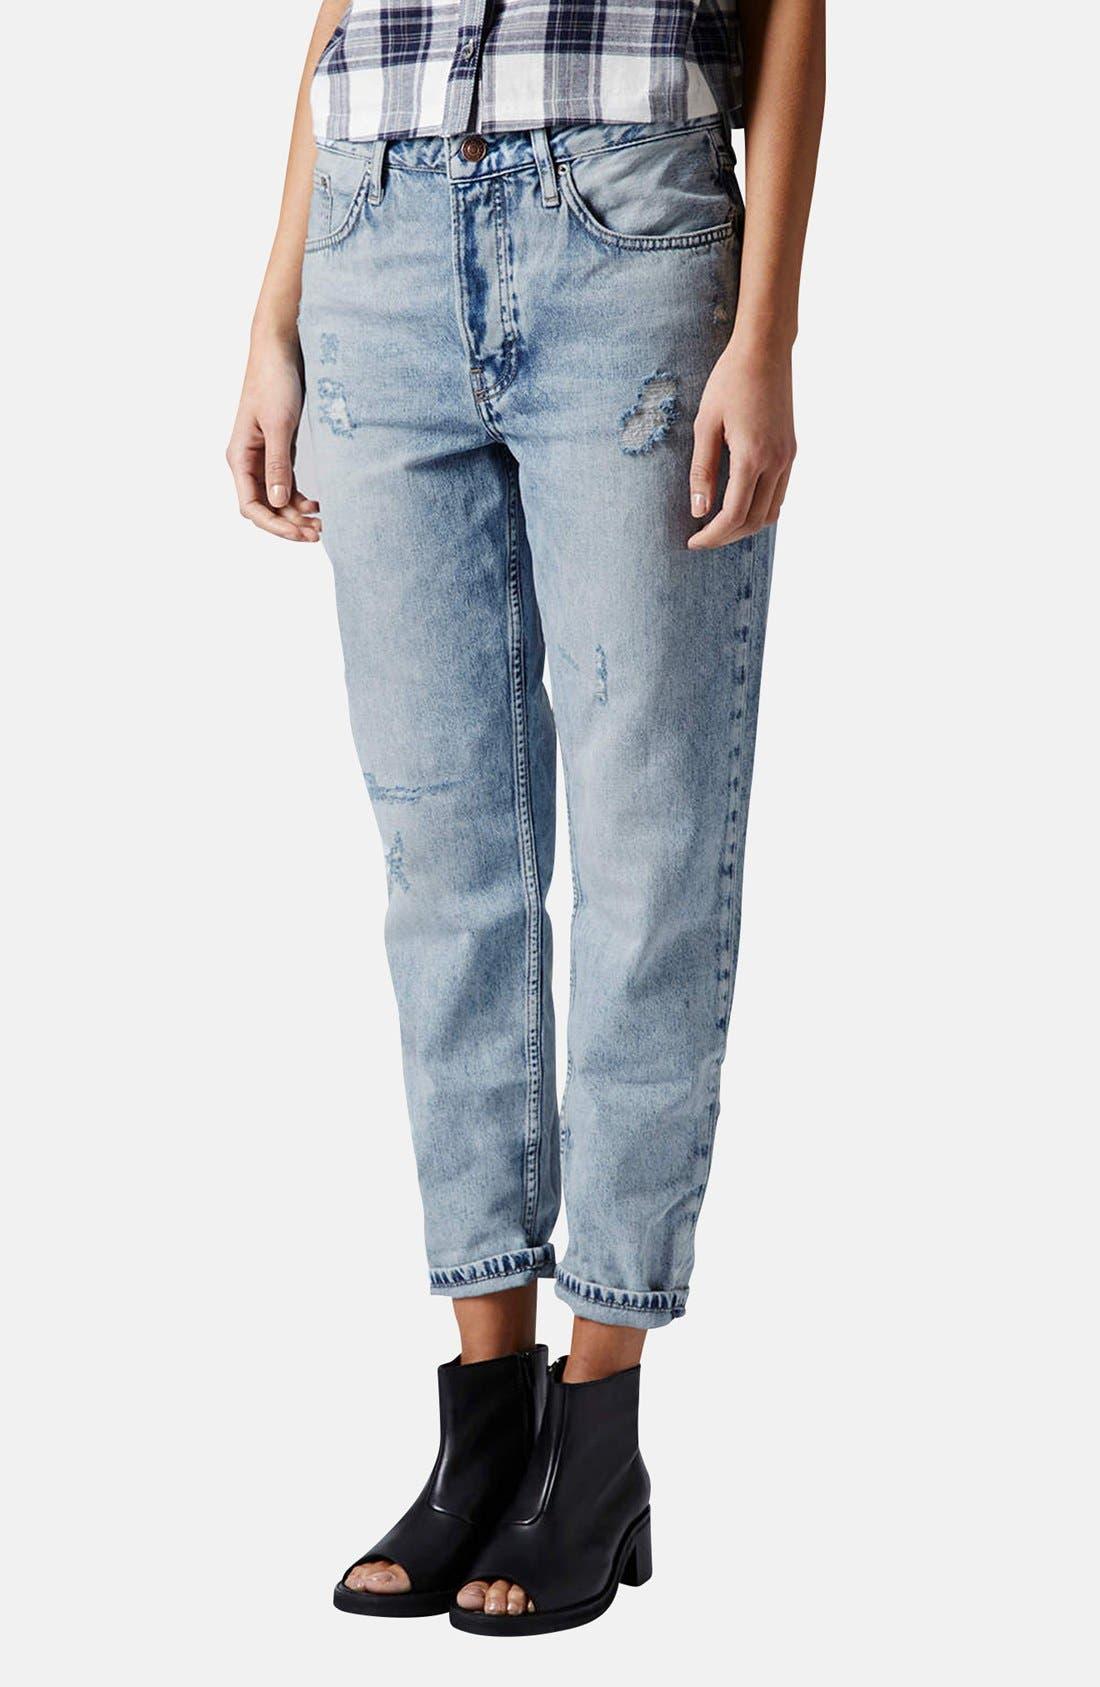 Alternate Image 1 Selected - Topshop 'Hayden' Destroyed Boyfriend Jeans (Light)